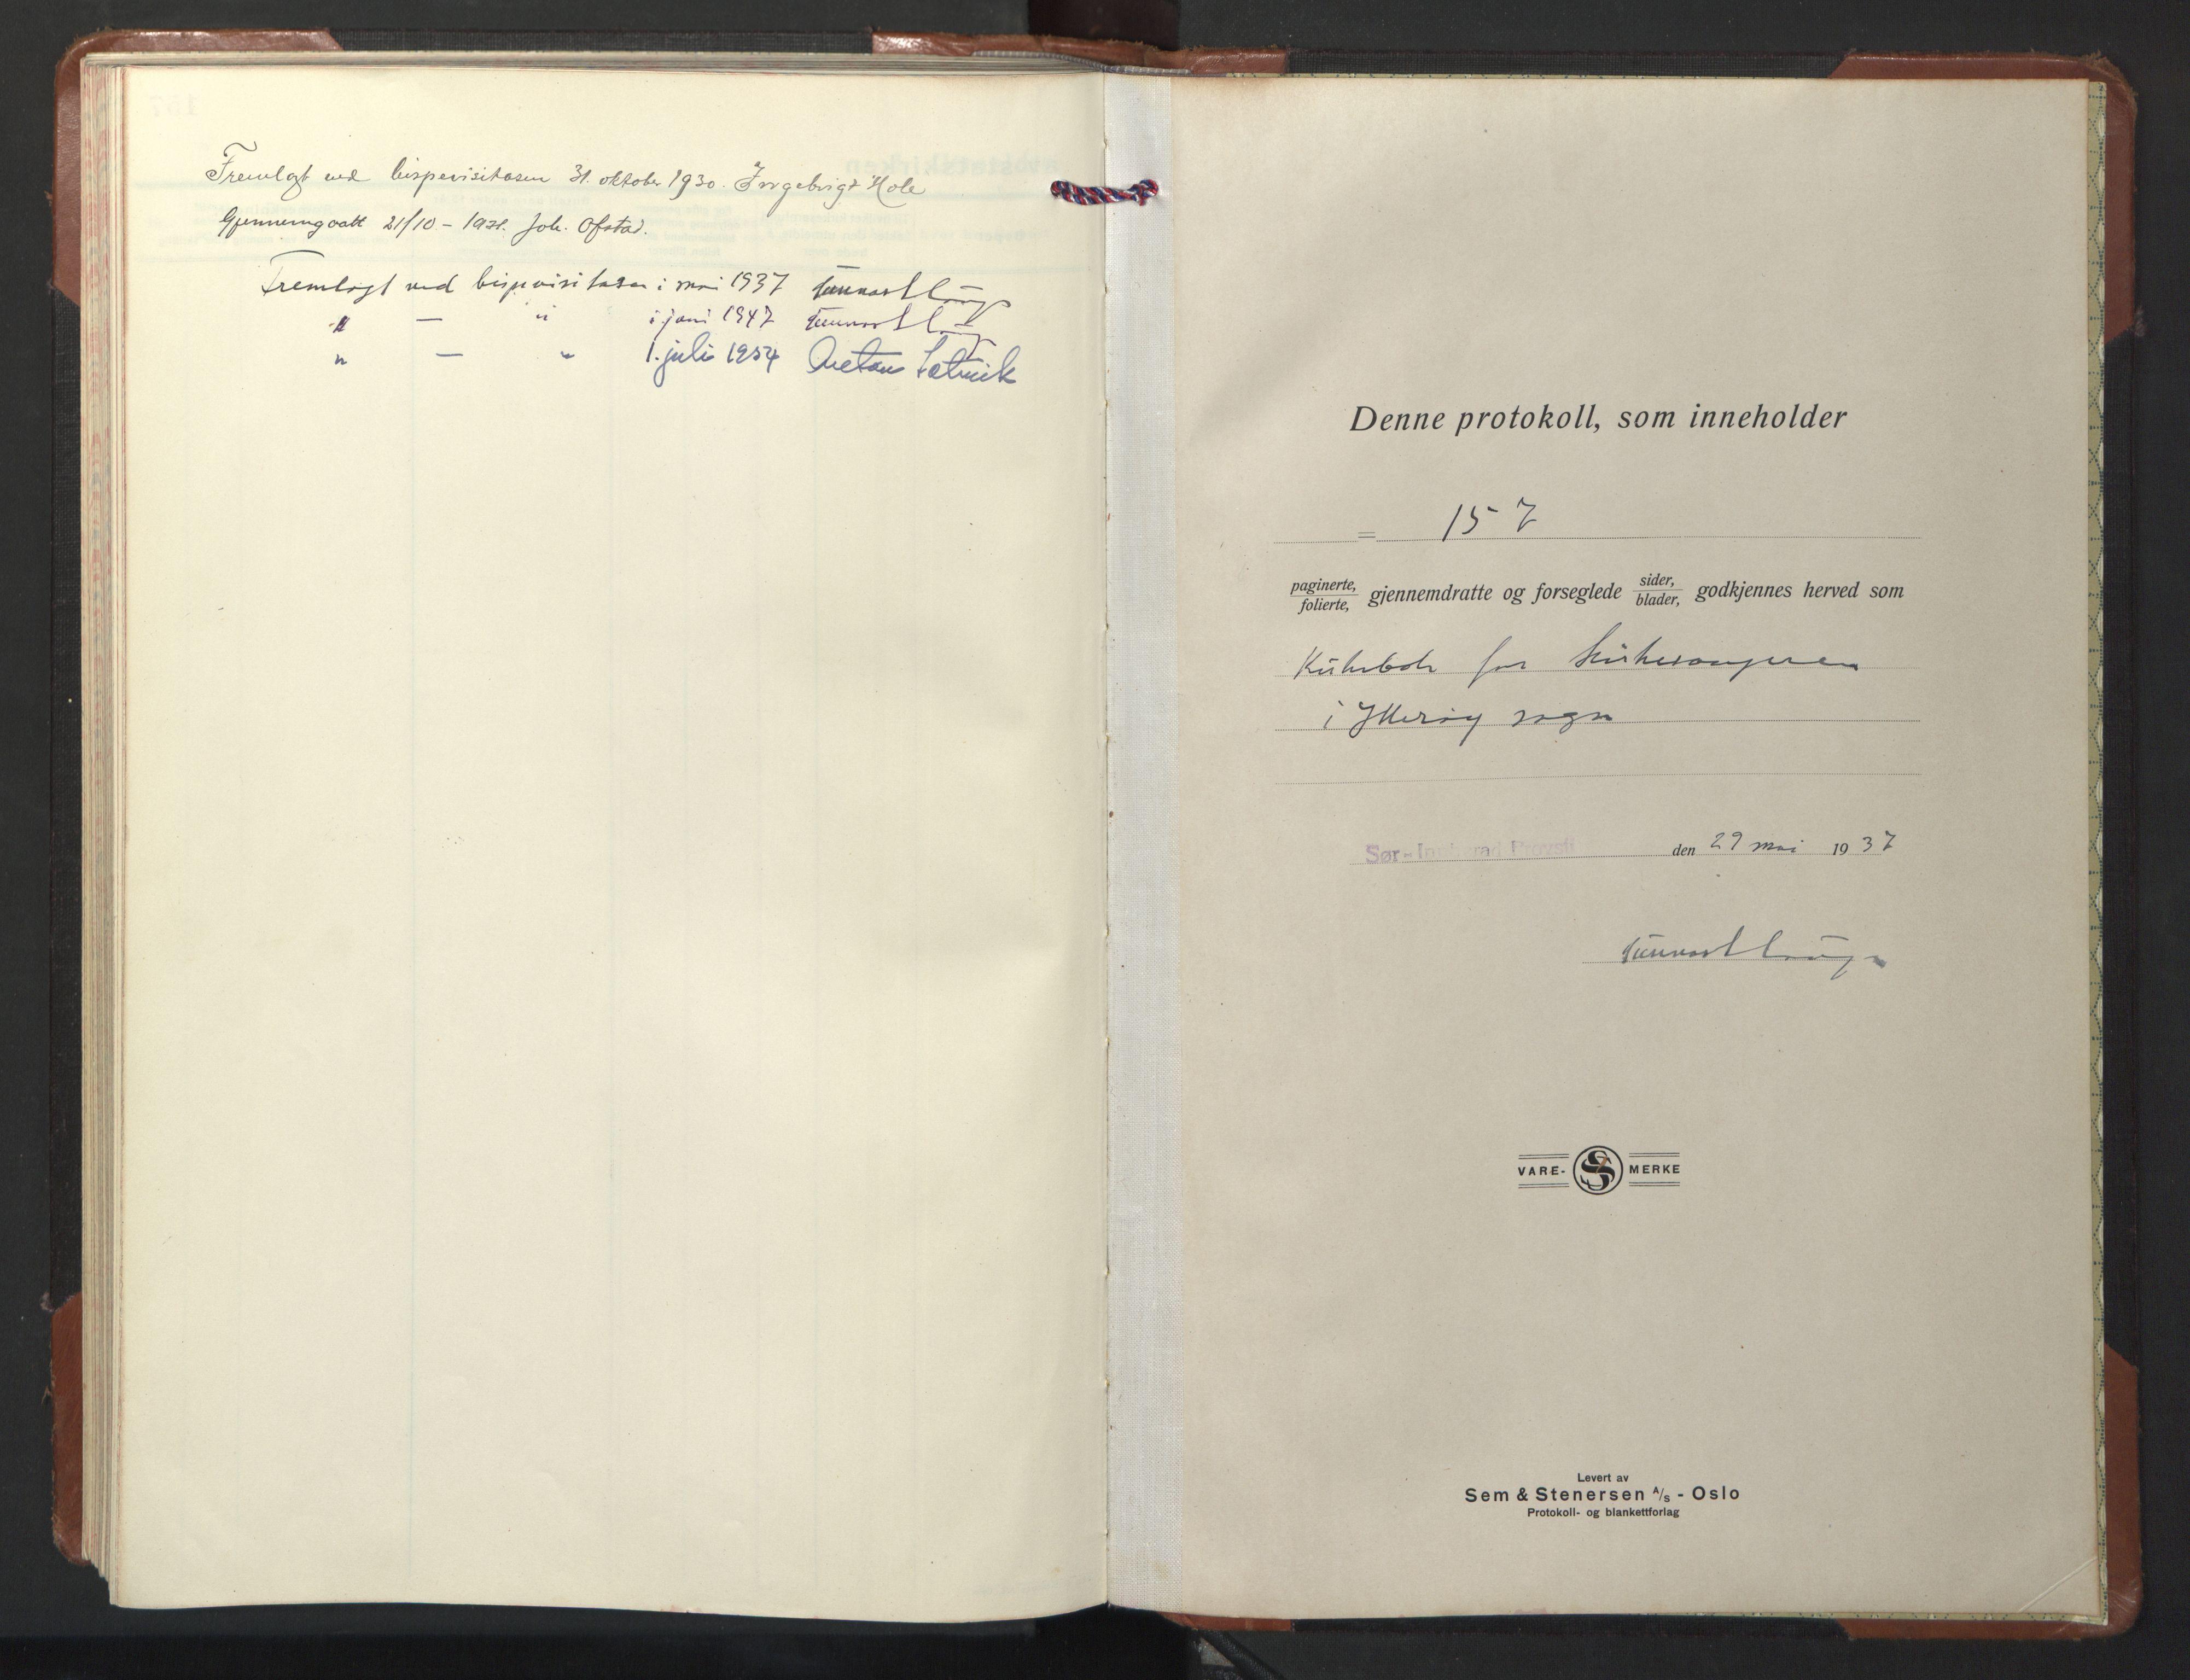 SAT, Ministerialprotokoller, klokkerbøker og fødselsregistre - Nord-Trøndelag, 722/L0227: Klokkerbok nr. 722C03, 1928-1958